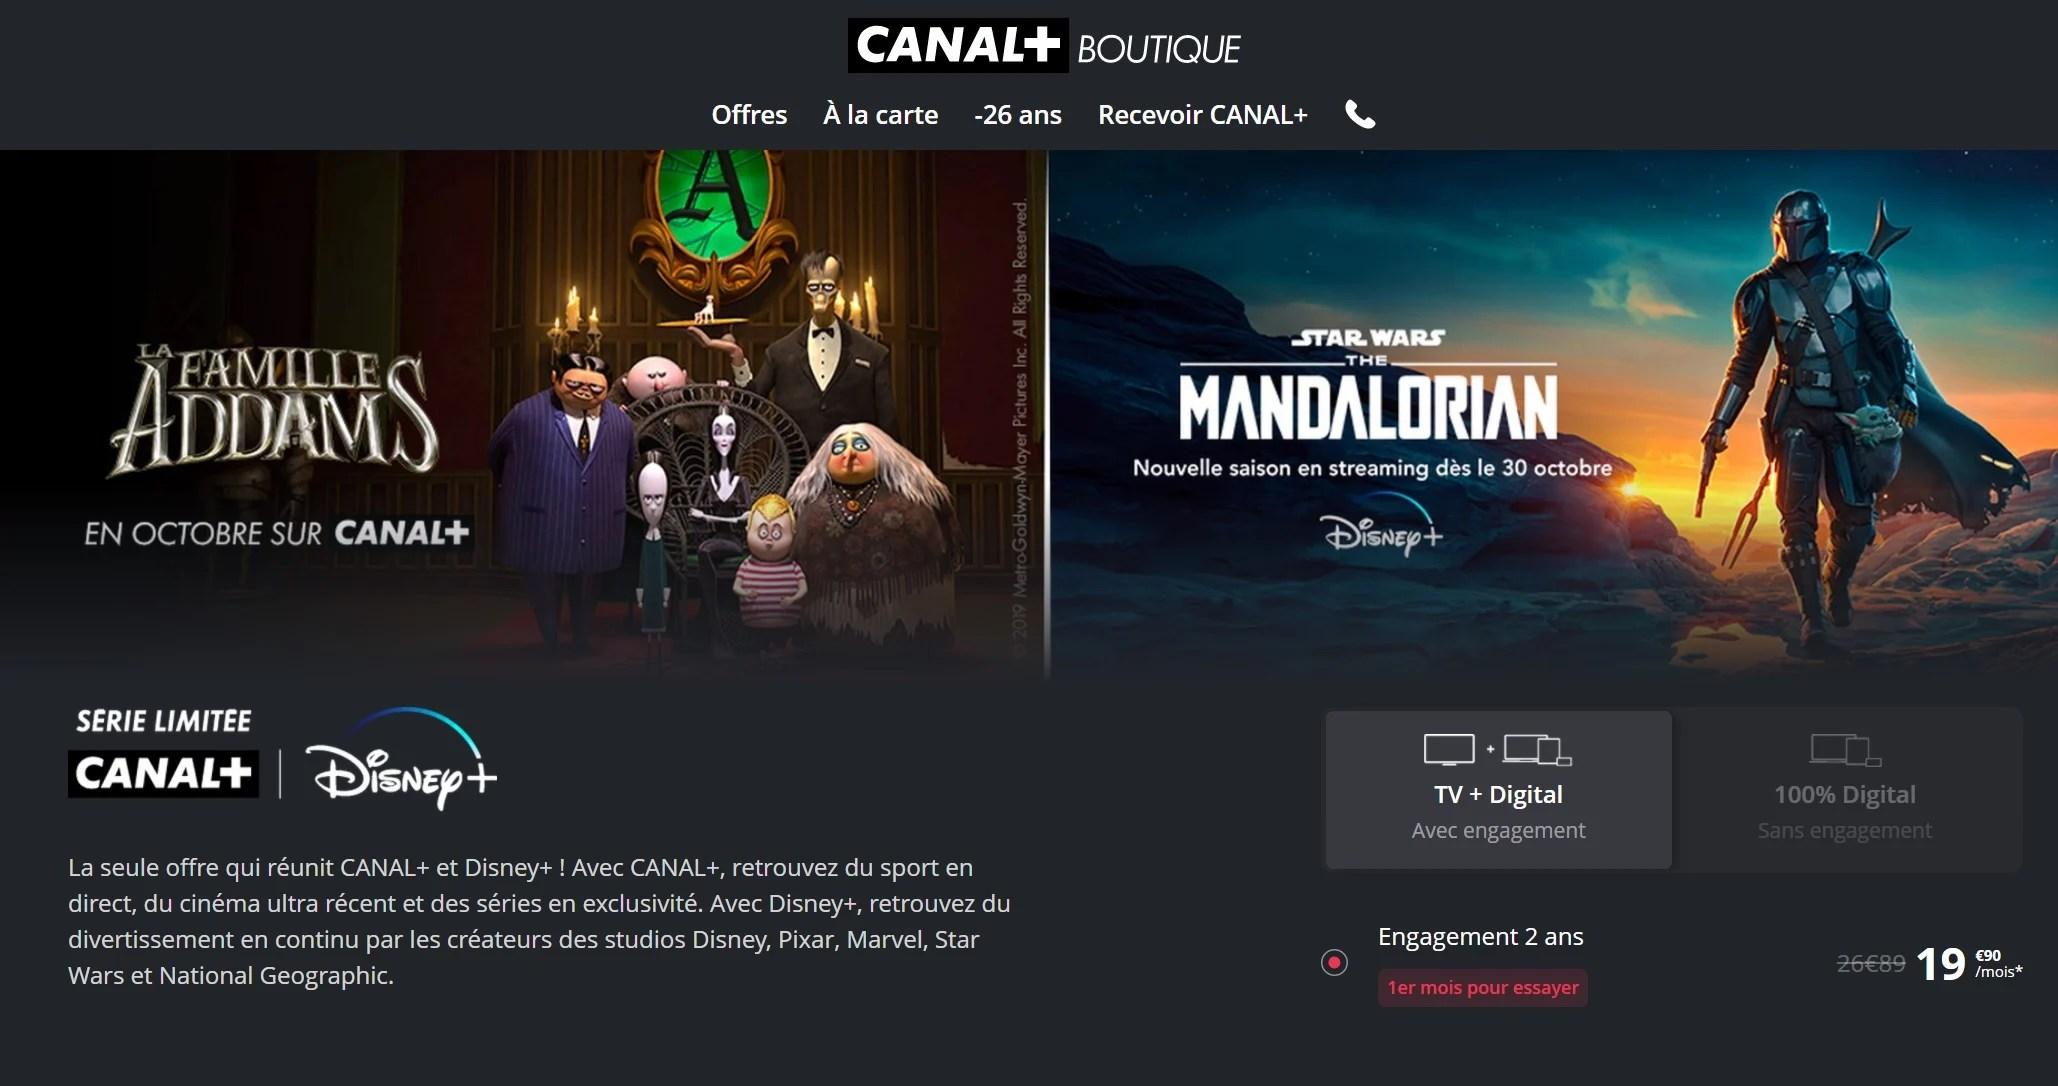 Canal+ lance une nouvelle offre en série limitée avec Disney+